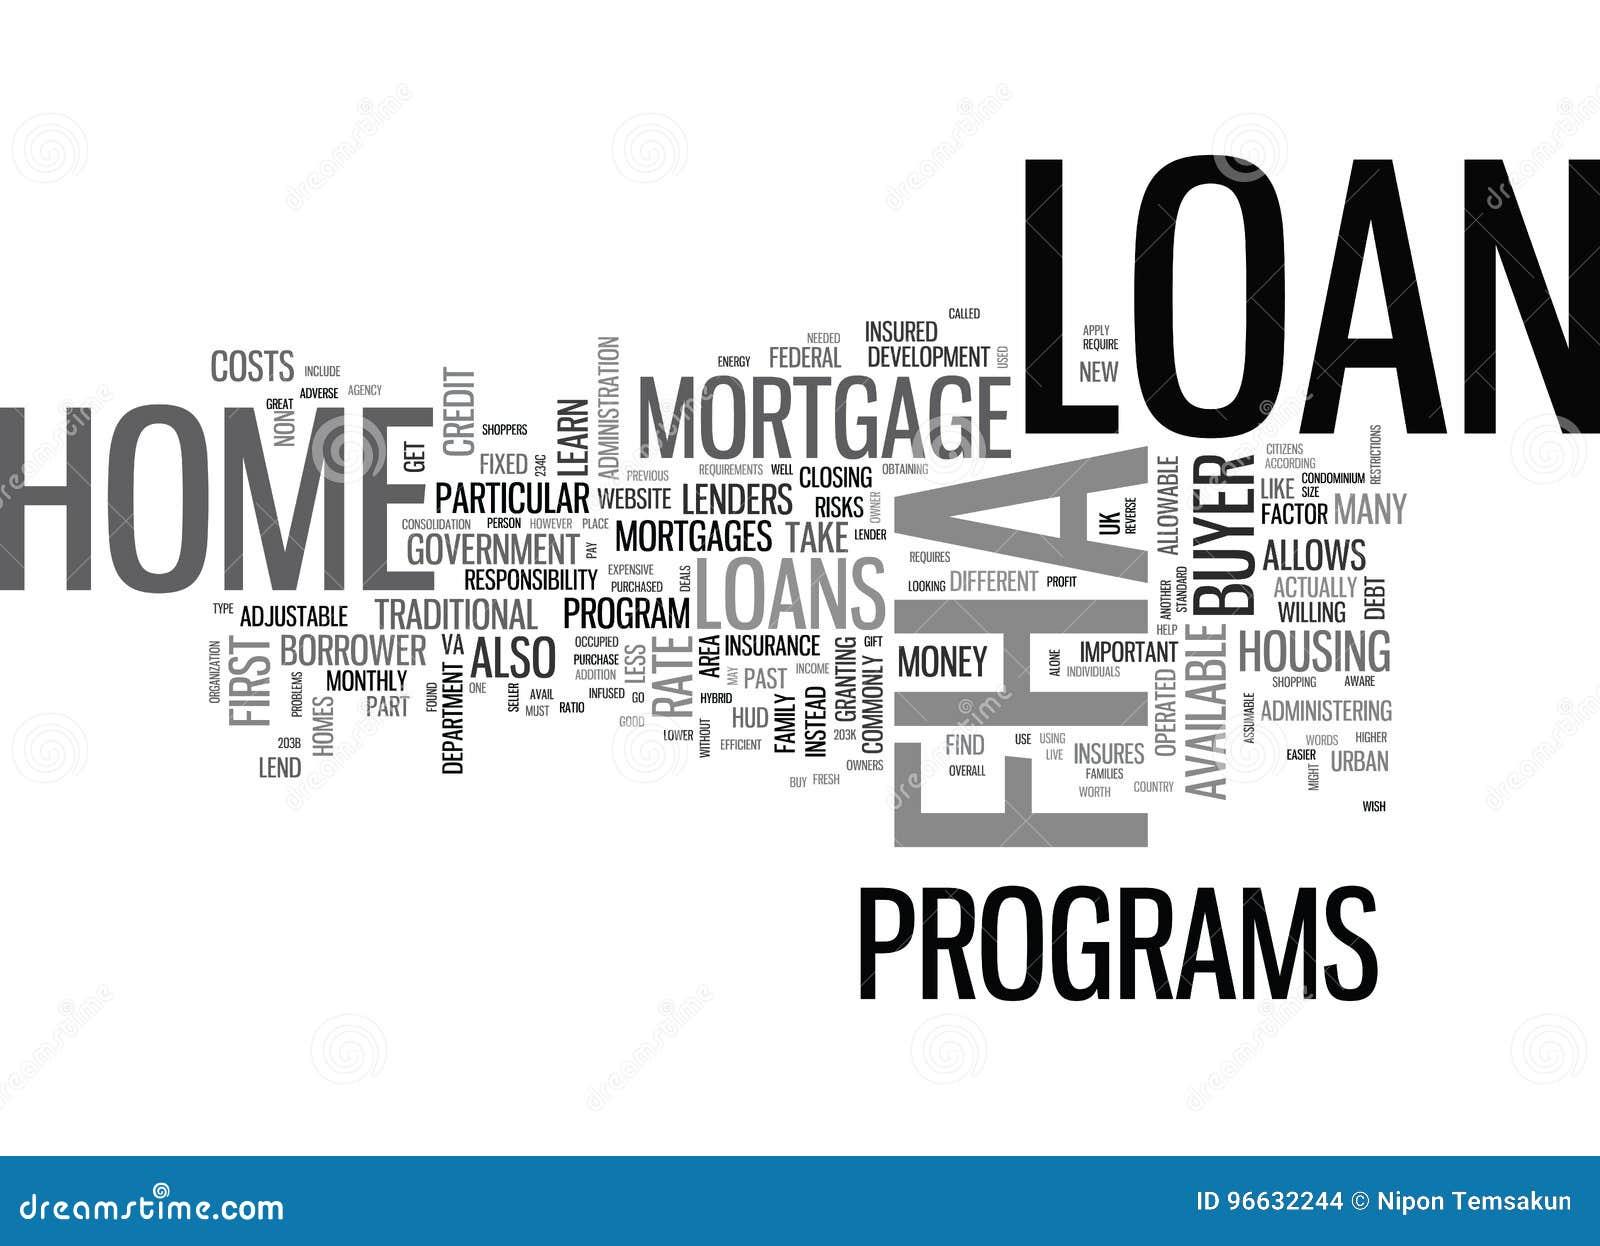 Ce qui est un nuage de Word de prêt hypothécaire de Fha